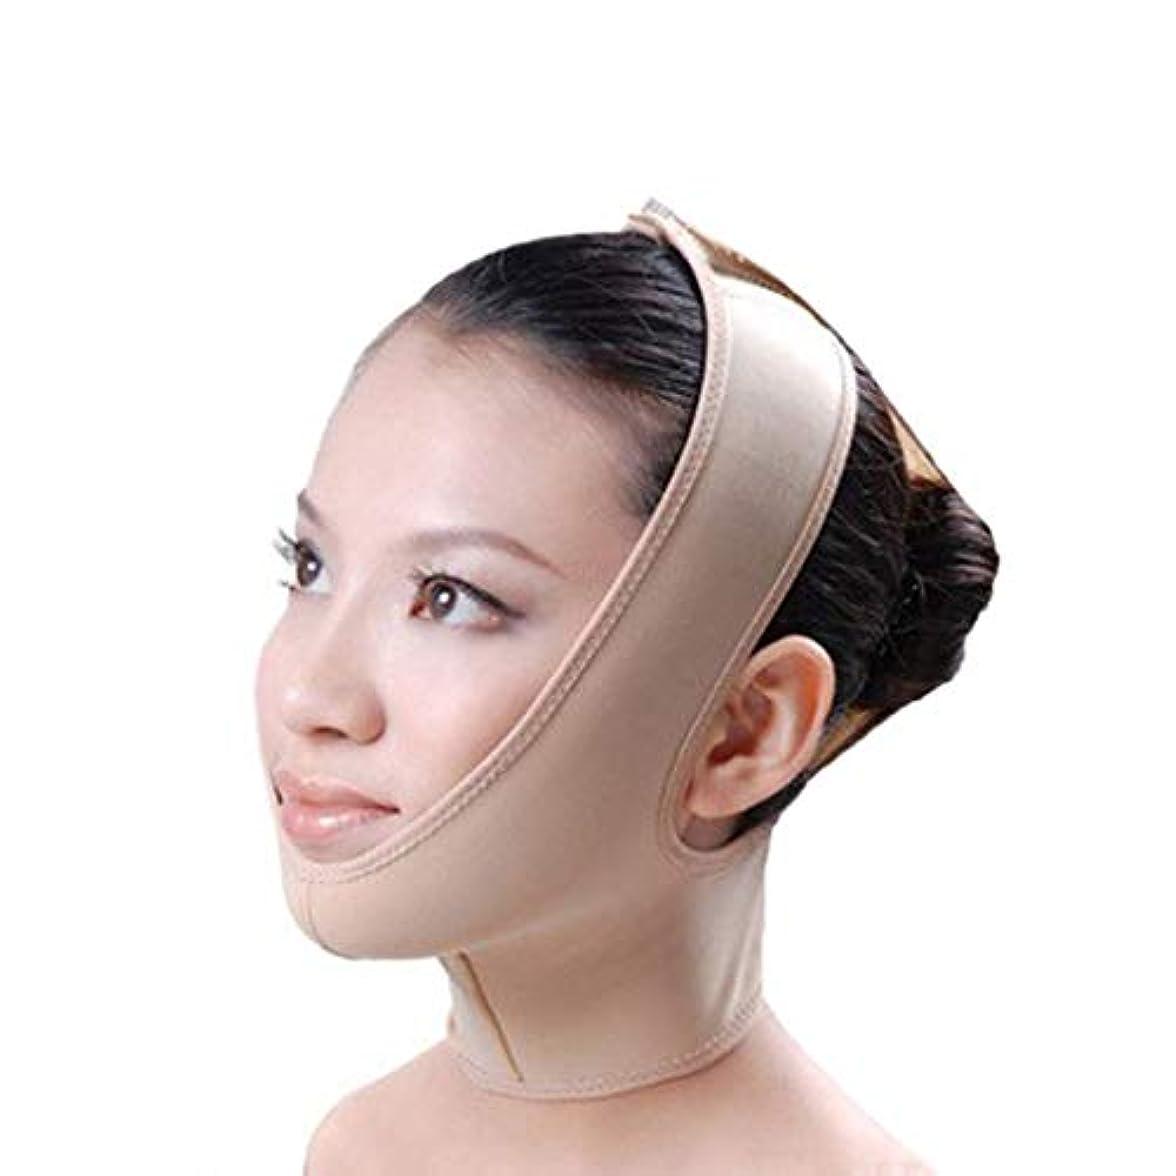 占めるのホスト初期フェイススリム、リフティングマスク、包帯リフト、二重あご、引き締めフェイシャルリフト、フェイシャル減量マスク、リフティングスキン包帯(サイズ:XL),L